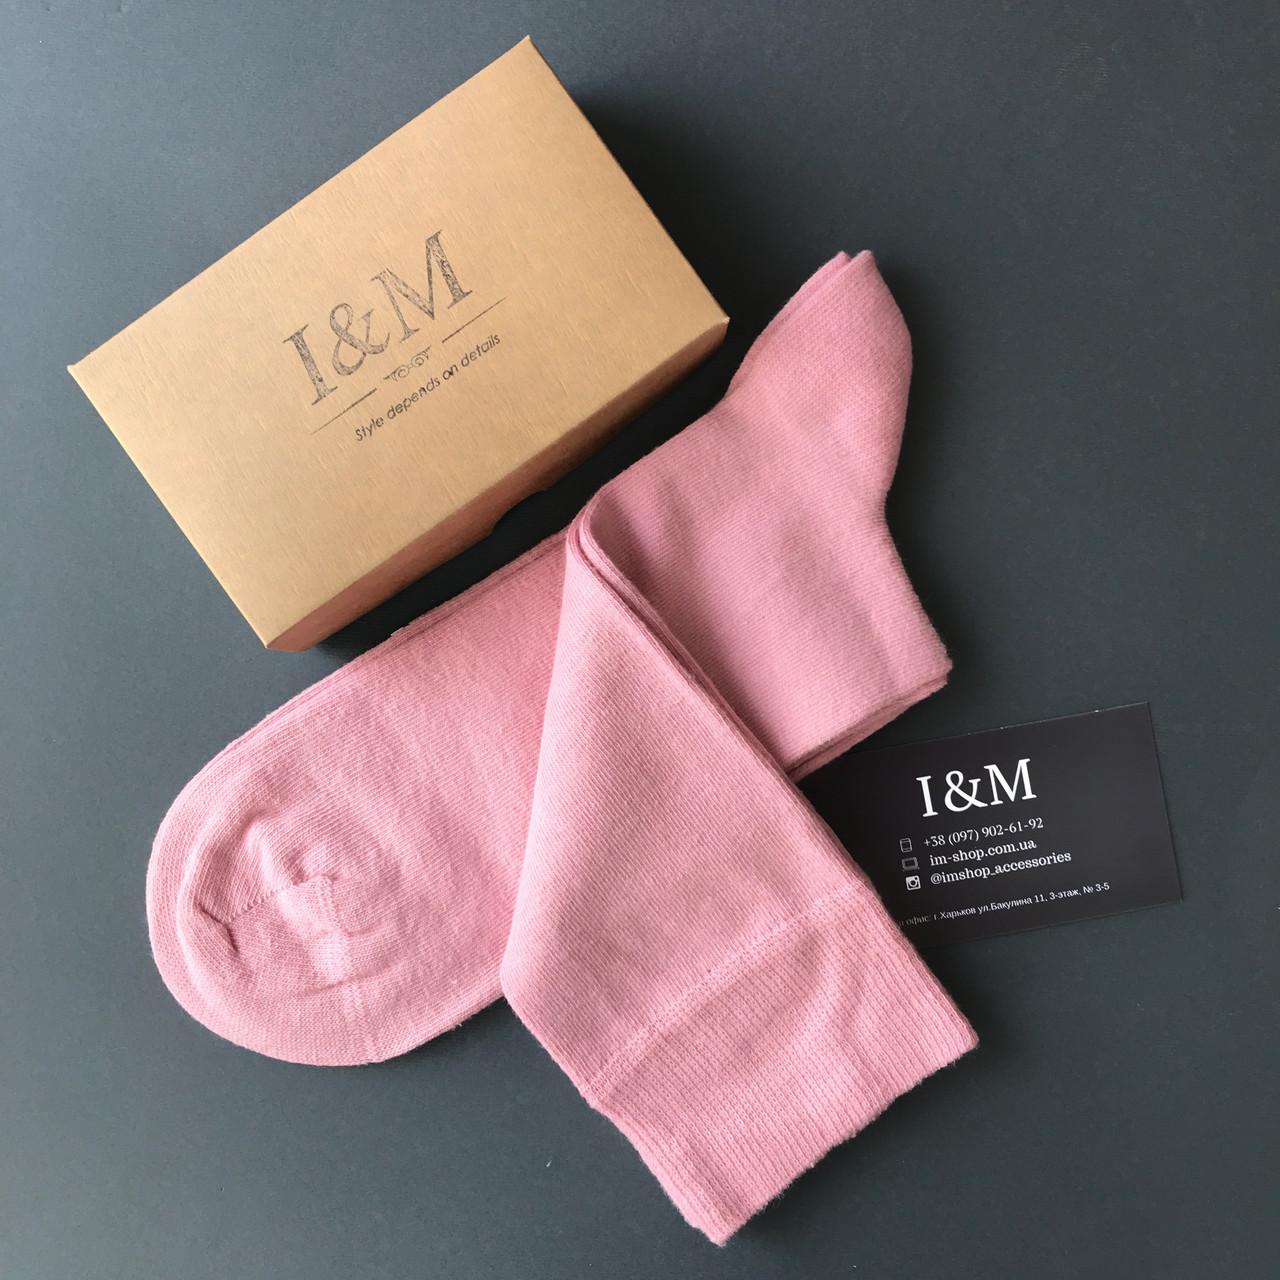 Носки I&M Craft однотонные нежно-розовые (070189)